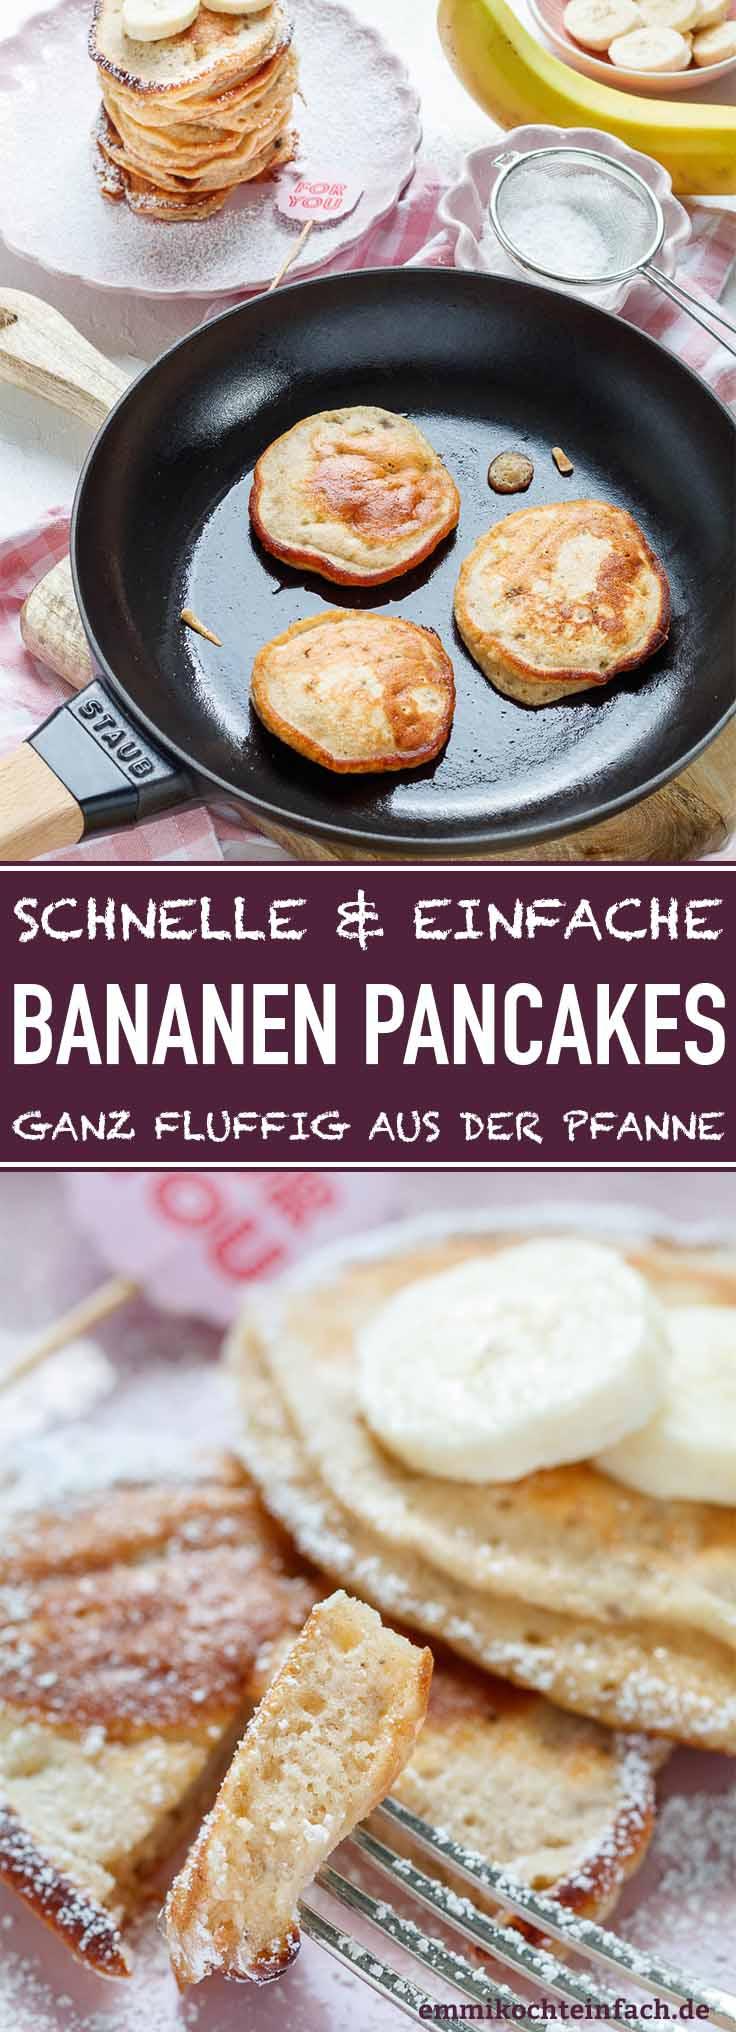 Leckere, fluffige Pfannkuchen ganz einfach - www.emmikochteinfach.de